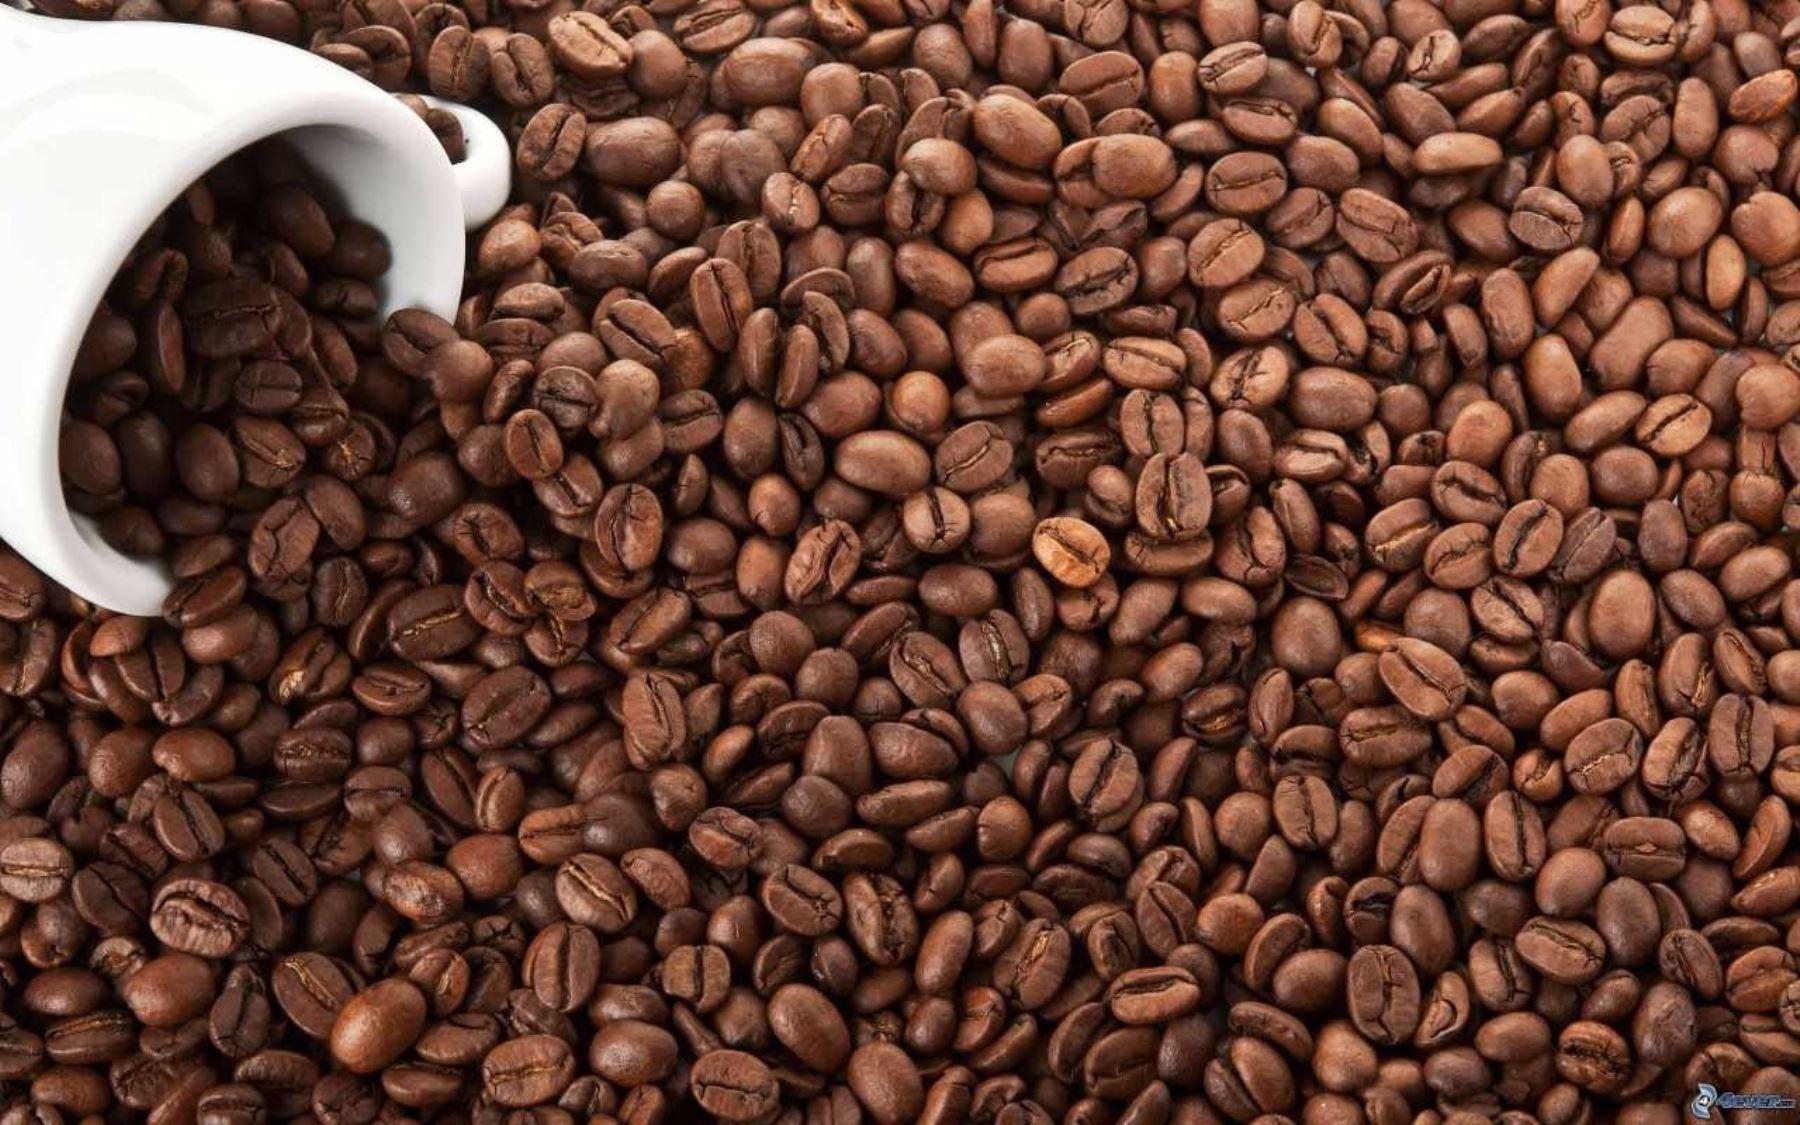 El café es uno de los cultivos emblemáticos de exportación de la región Cusco y se produce principalmente en la provincia de La Convención. ANDINA/Difusión